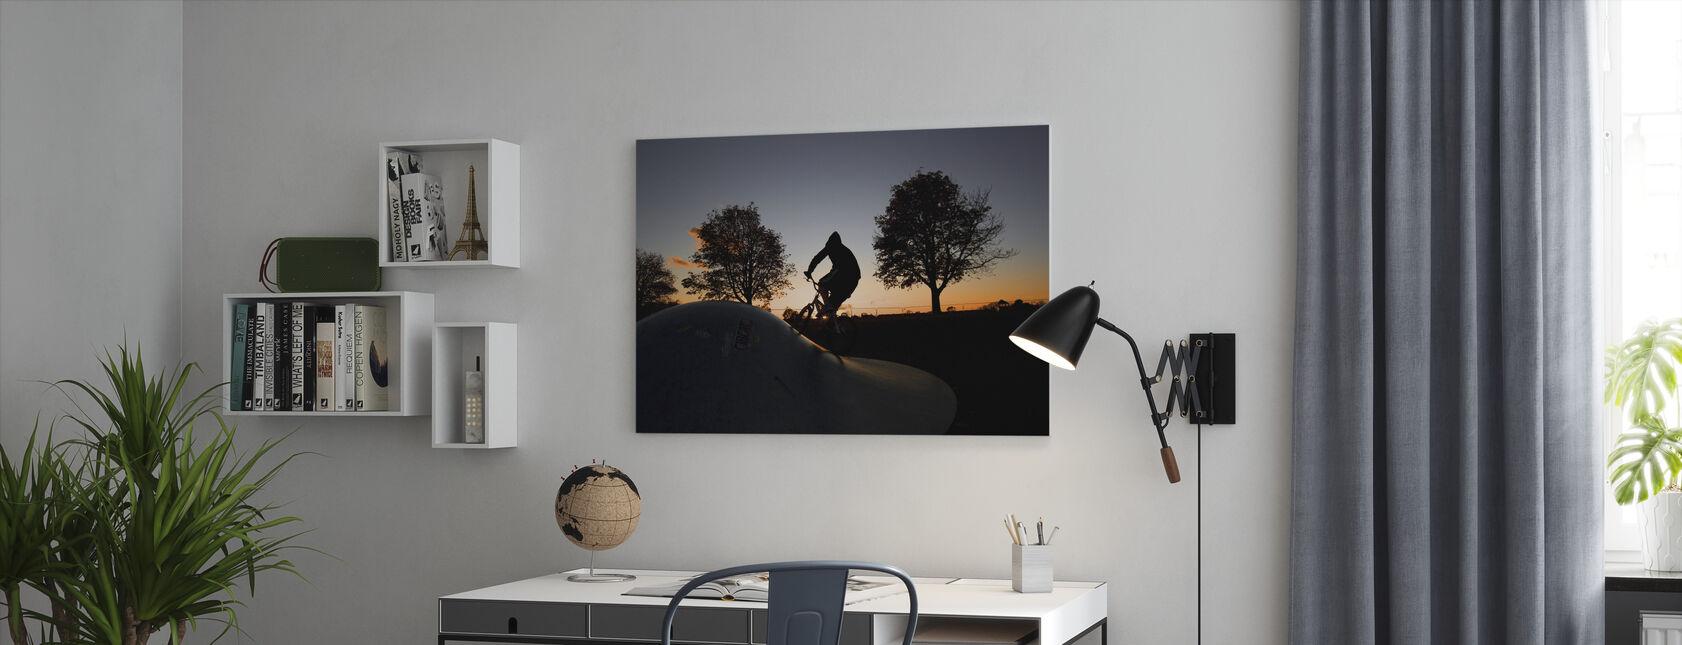 BMX Cykling vid solnedgången - Canvastavla - Kontor